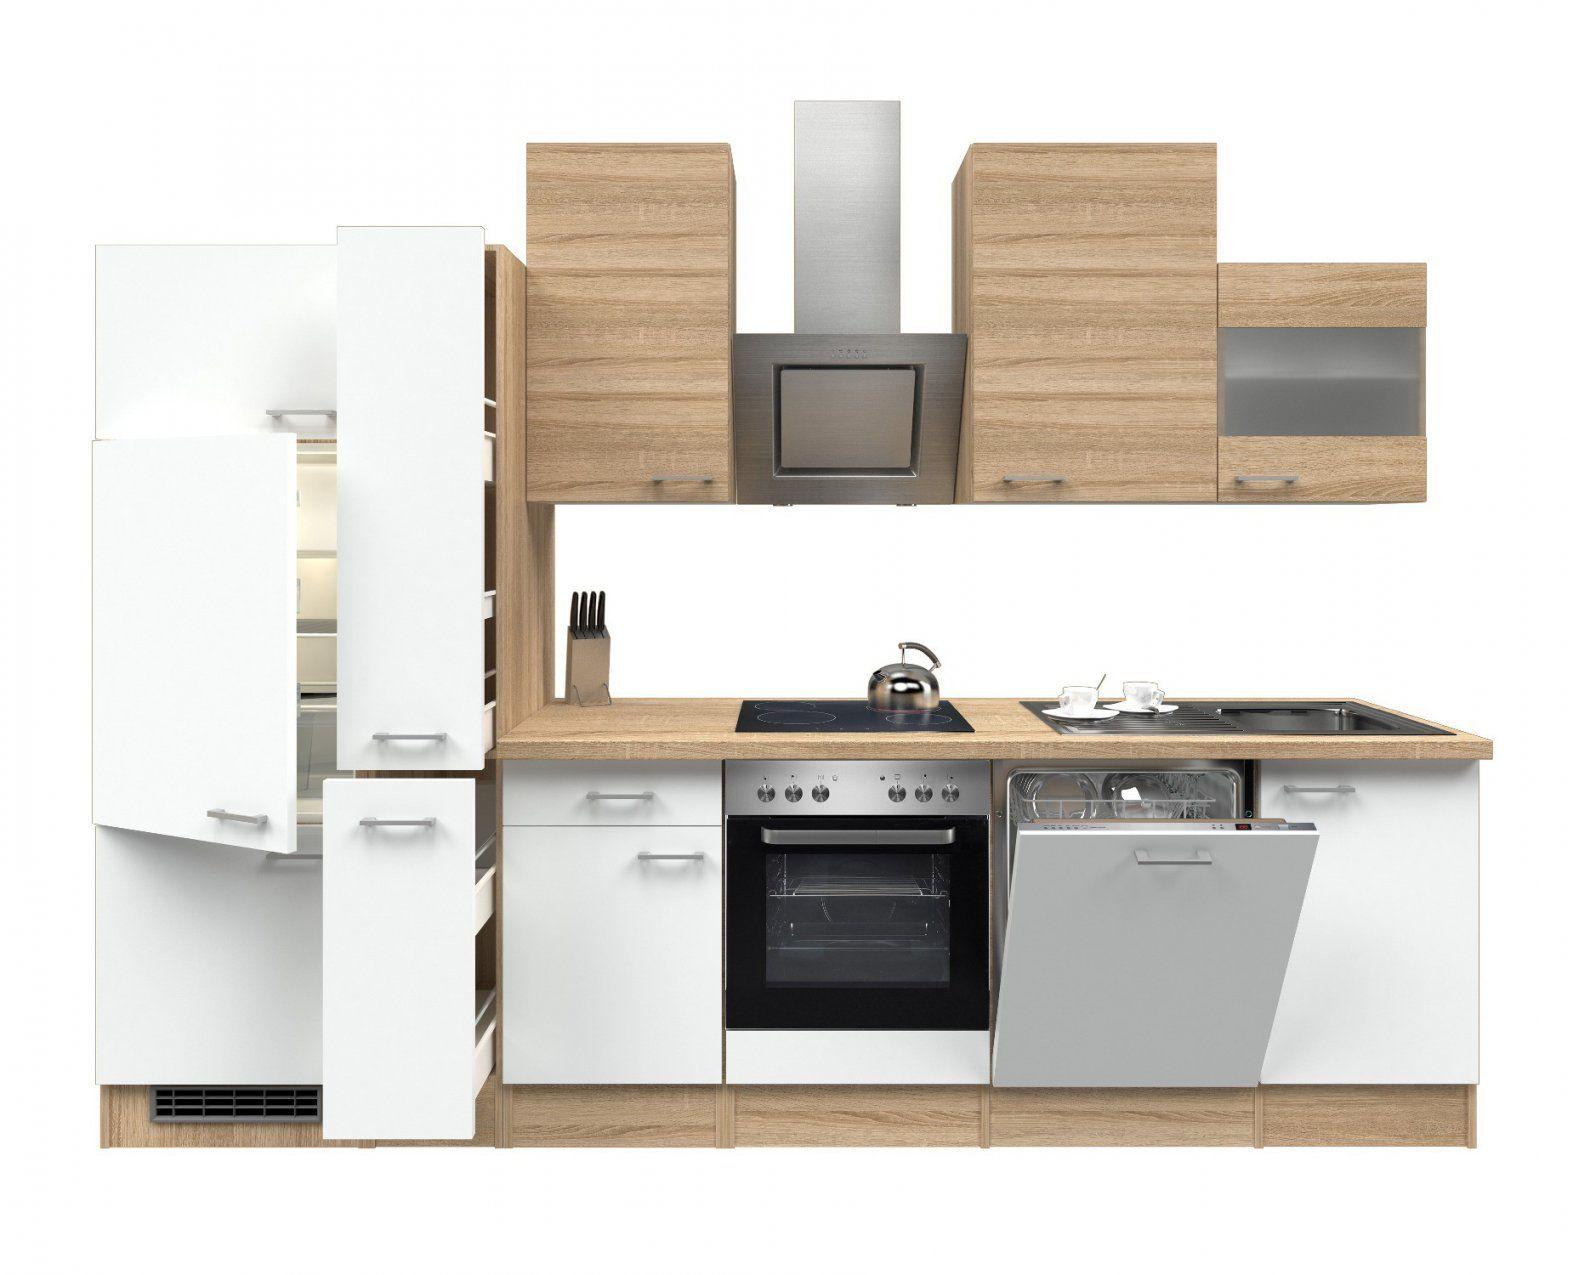 Küchenzeile Mit Elektrogeräten  Wotzc von Küchenzeile 260 Cm Mit Elektrogeräten Photo